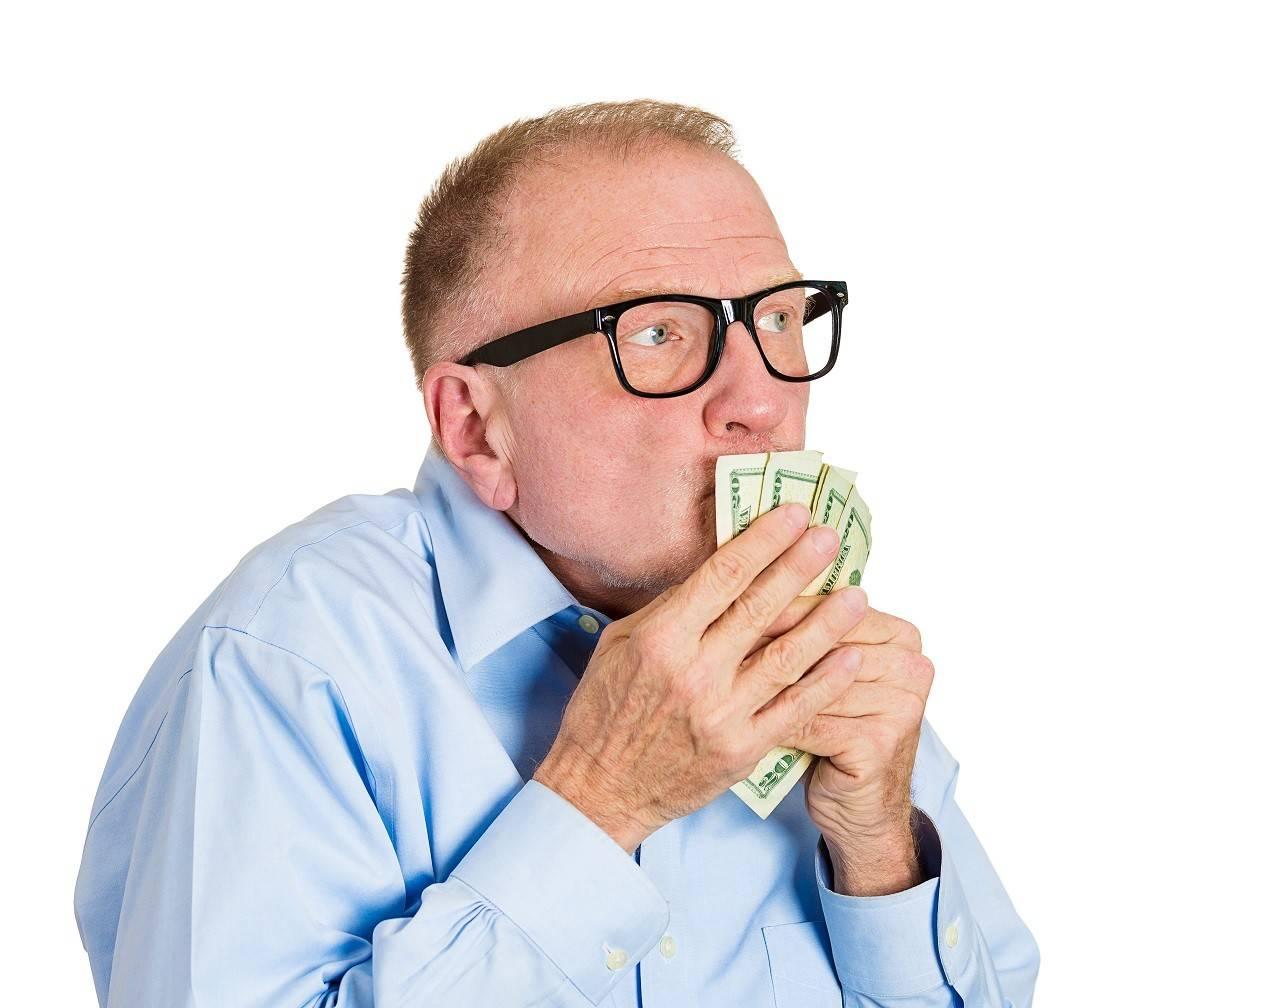 olcsó szemüvegek